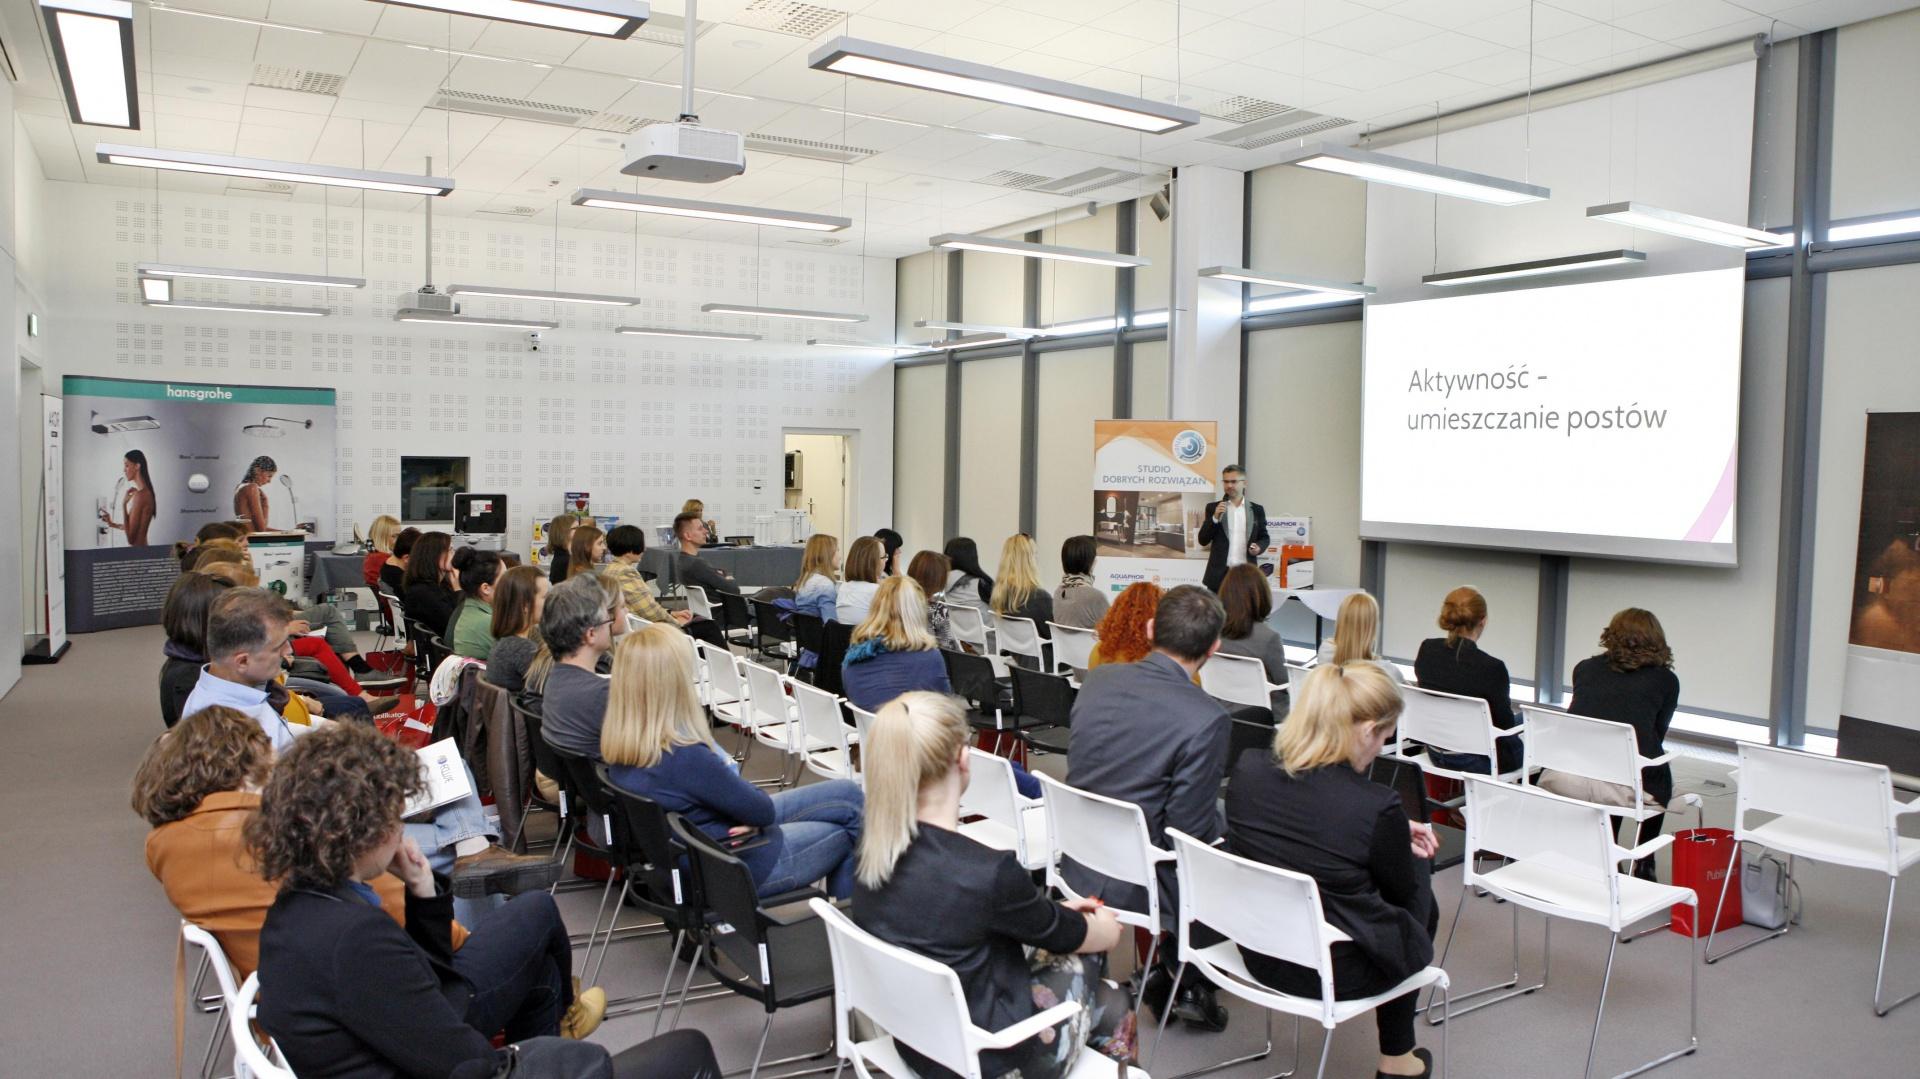 Studio Dobrych Rozwiązań, które odbyło się w Białymstoku cieszyło się ogromnym zainteresowaniem architektów i projektantów. Fot. Bartosz Jarosz.